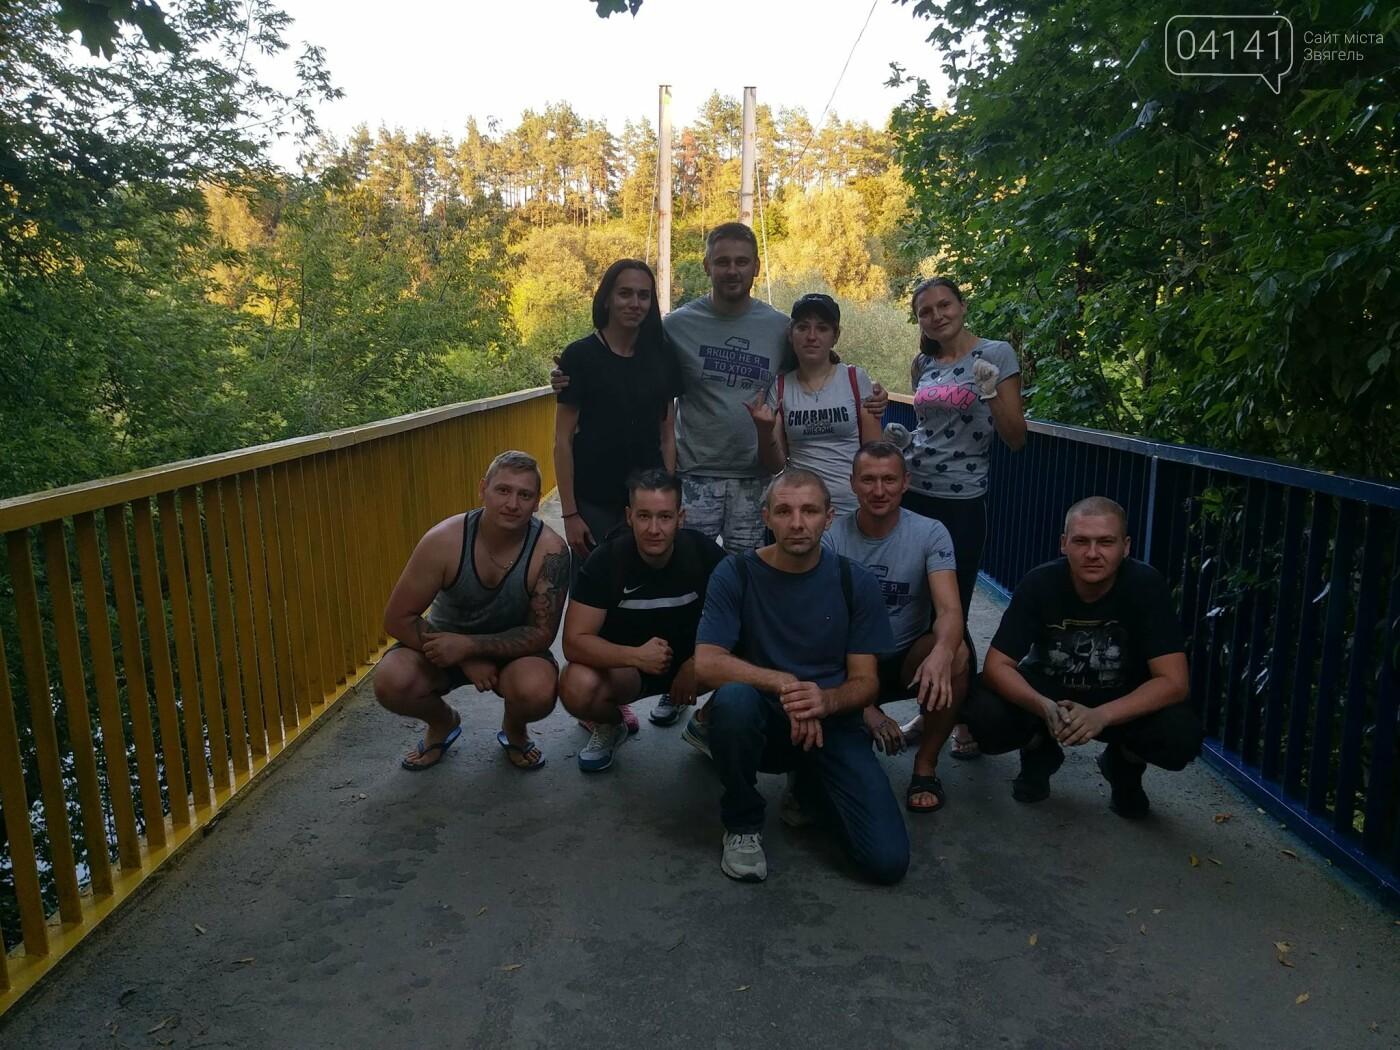 Як у Новограді-Волинському пішохідний міст фарбували (ФОТО) , фото-7